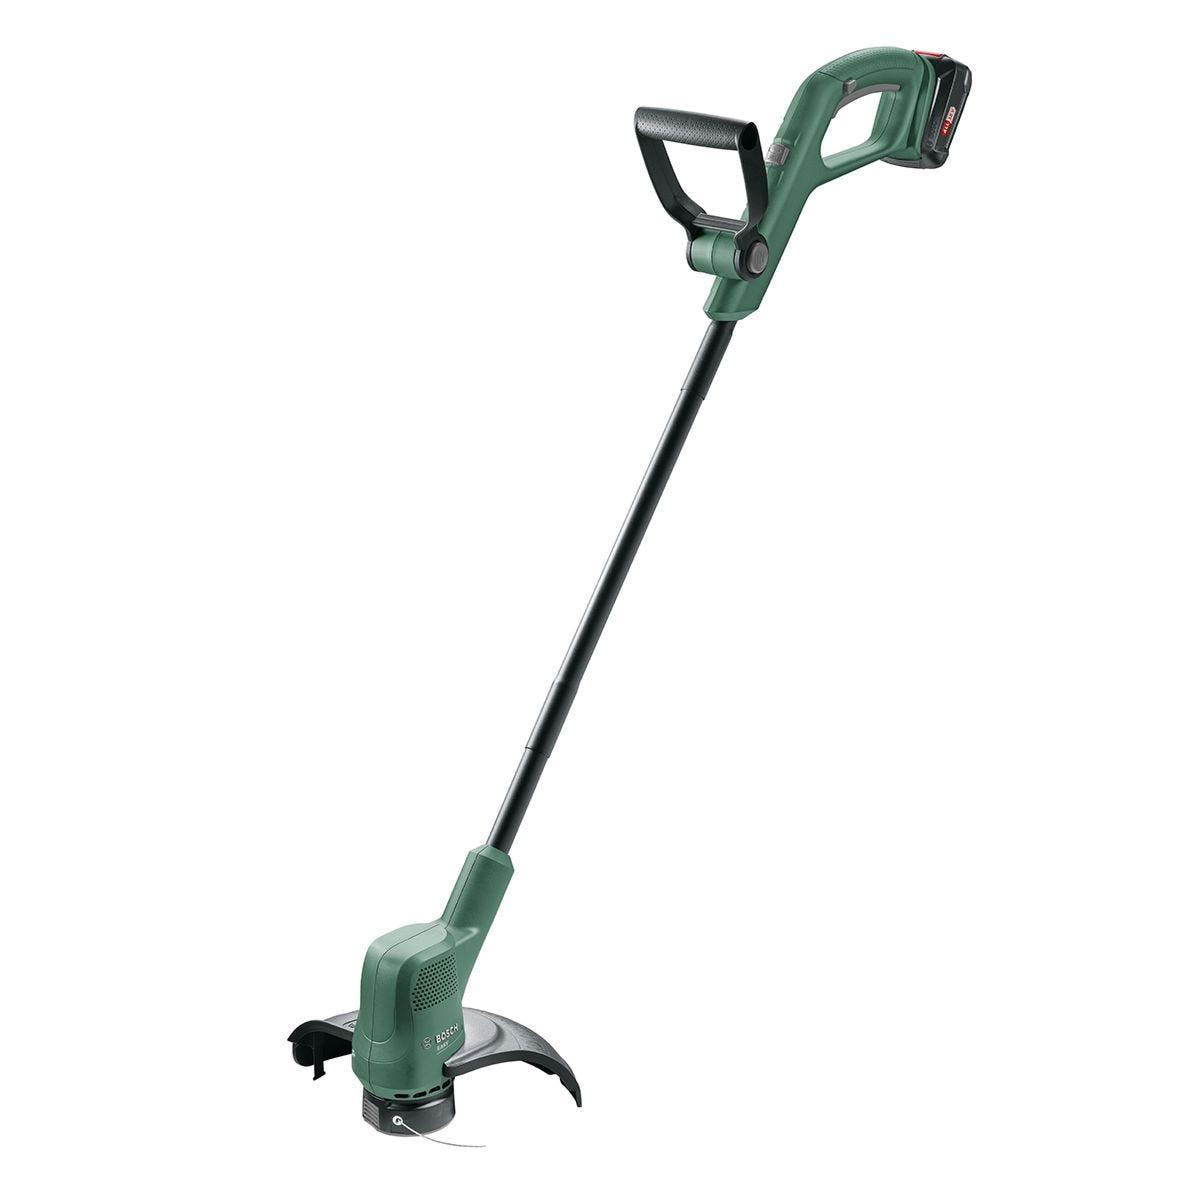 Bosch EasyGrassCut 18-230 Grass Trimmer